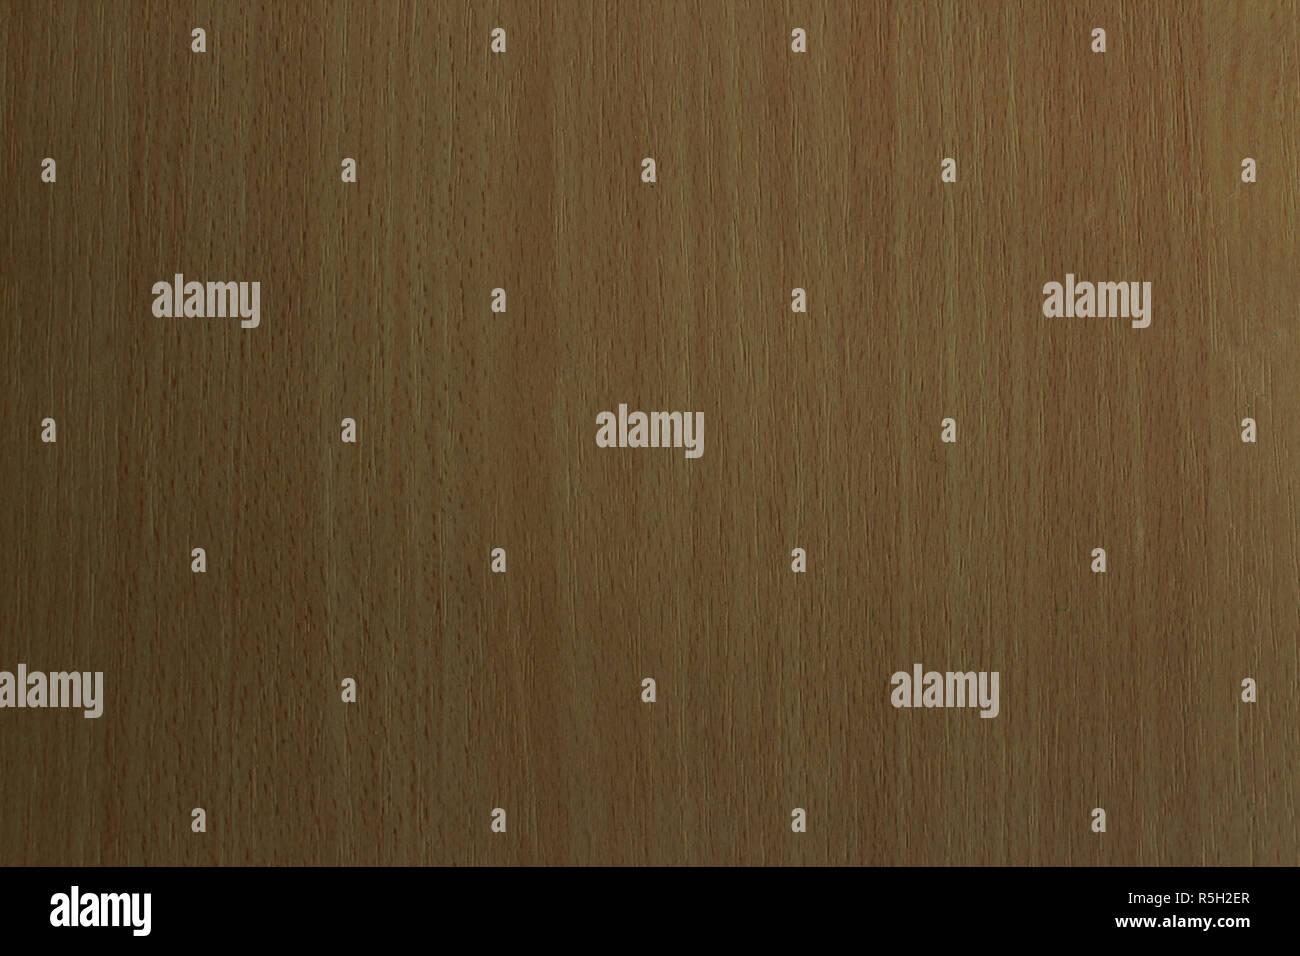 Wood Texture Close Up Modern Stock Photos Amp Wood Texture